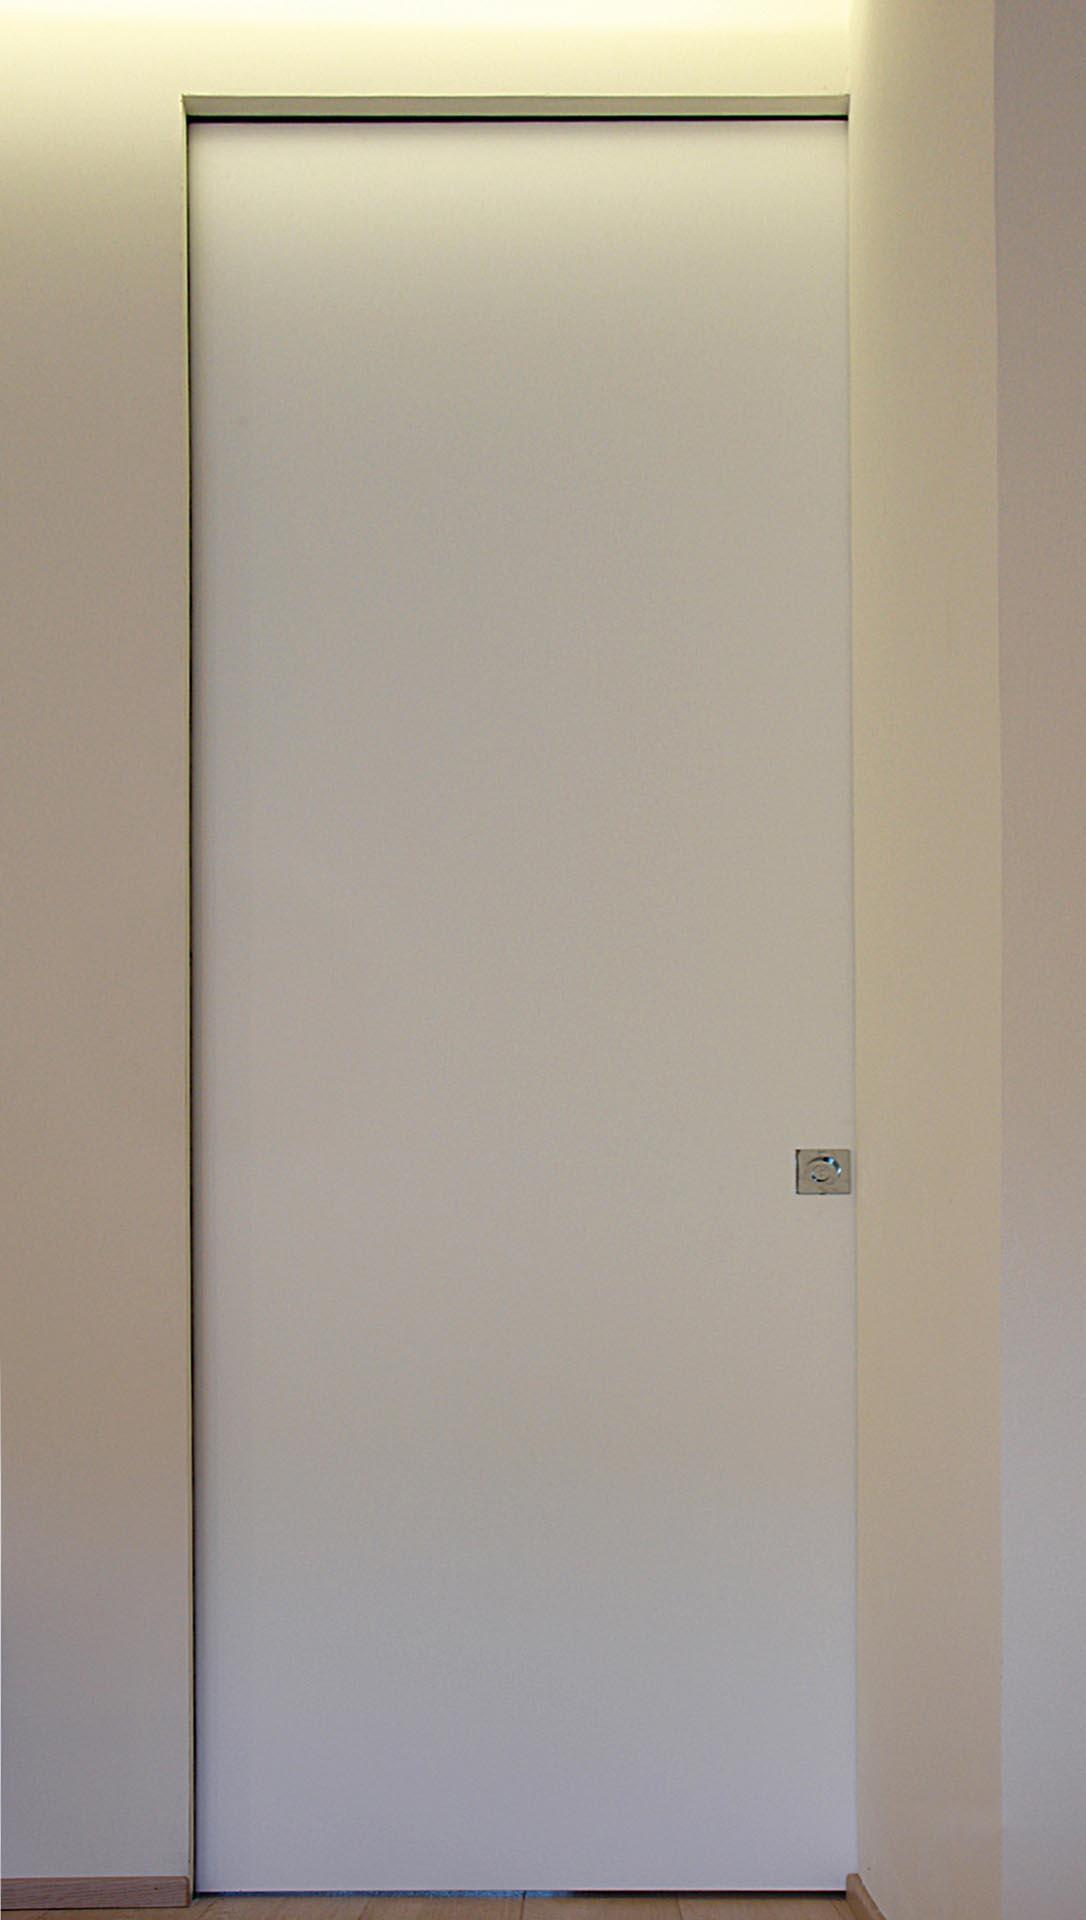 Porta scorrevole interno muro 2 evoline3 - Montaggio porta scorrevole ...